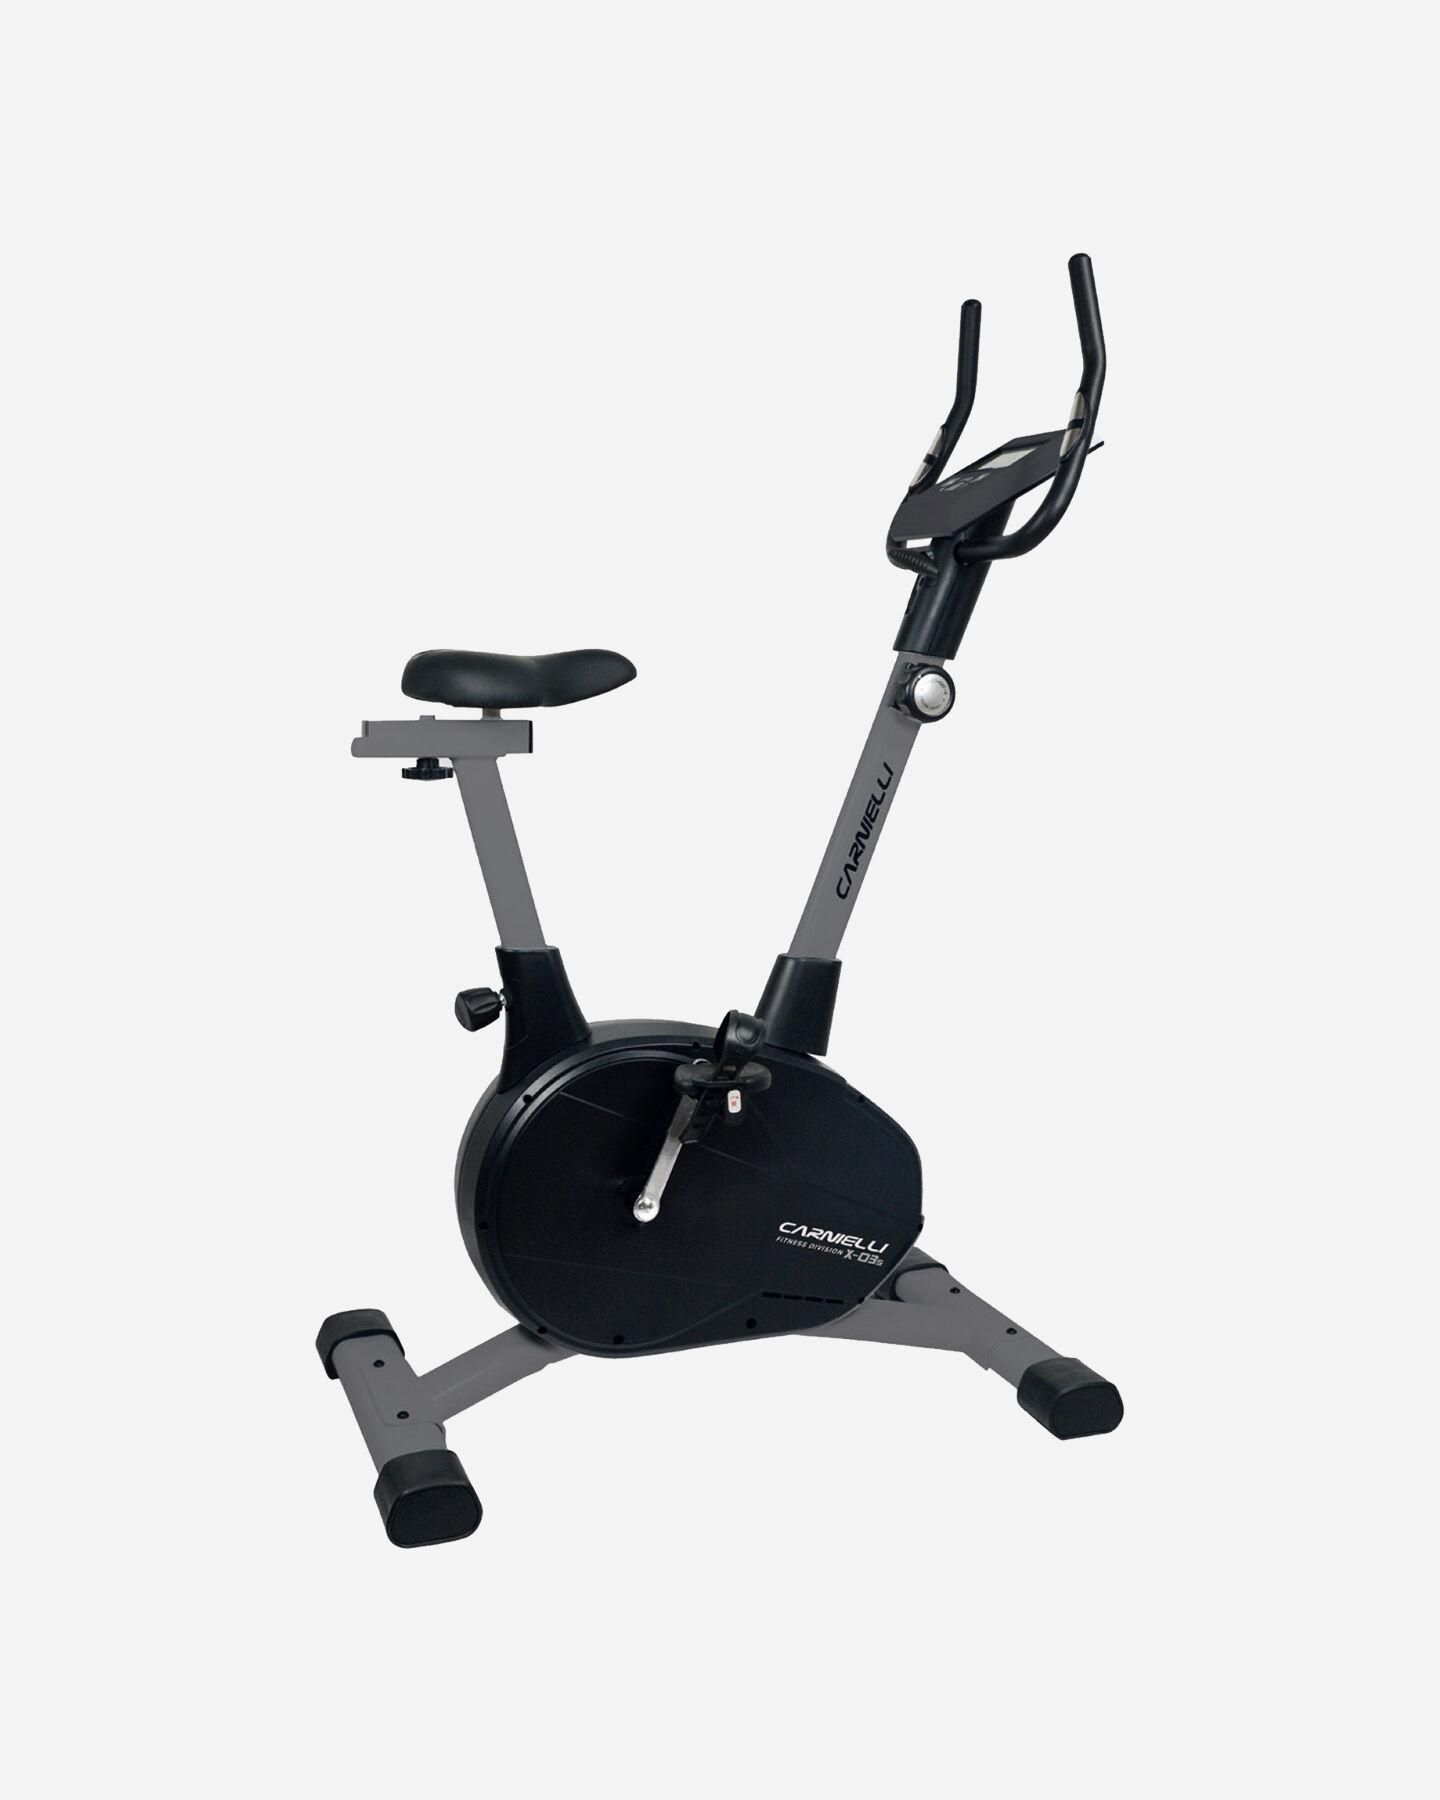 Cyclette CARNIELLI X-03 S S4030796 1 UNI scatto 0